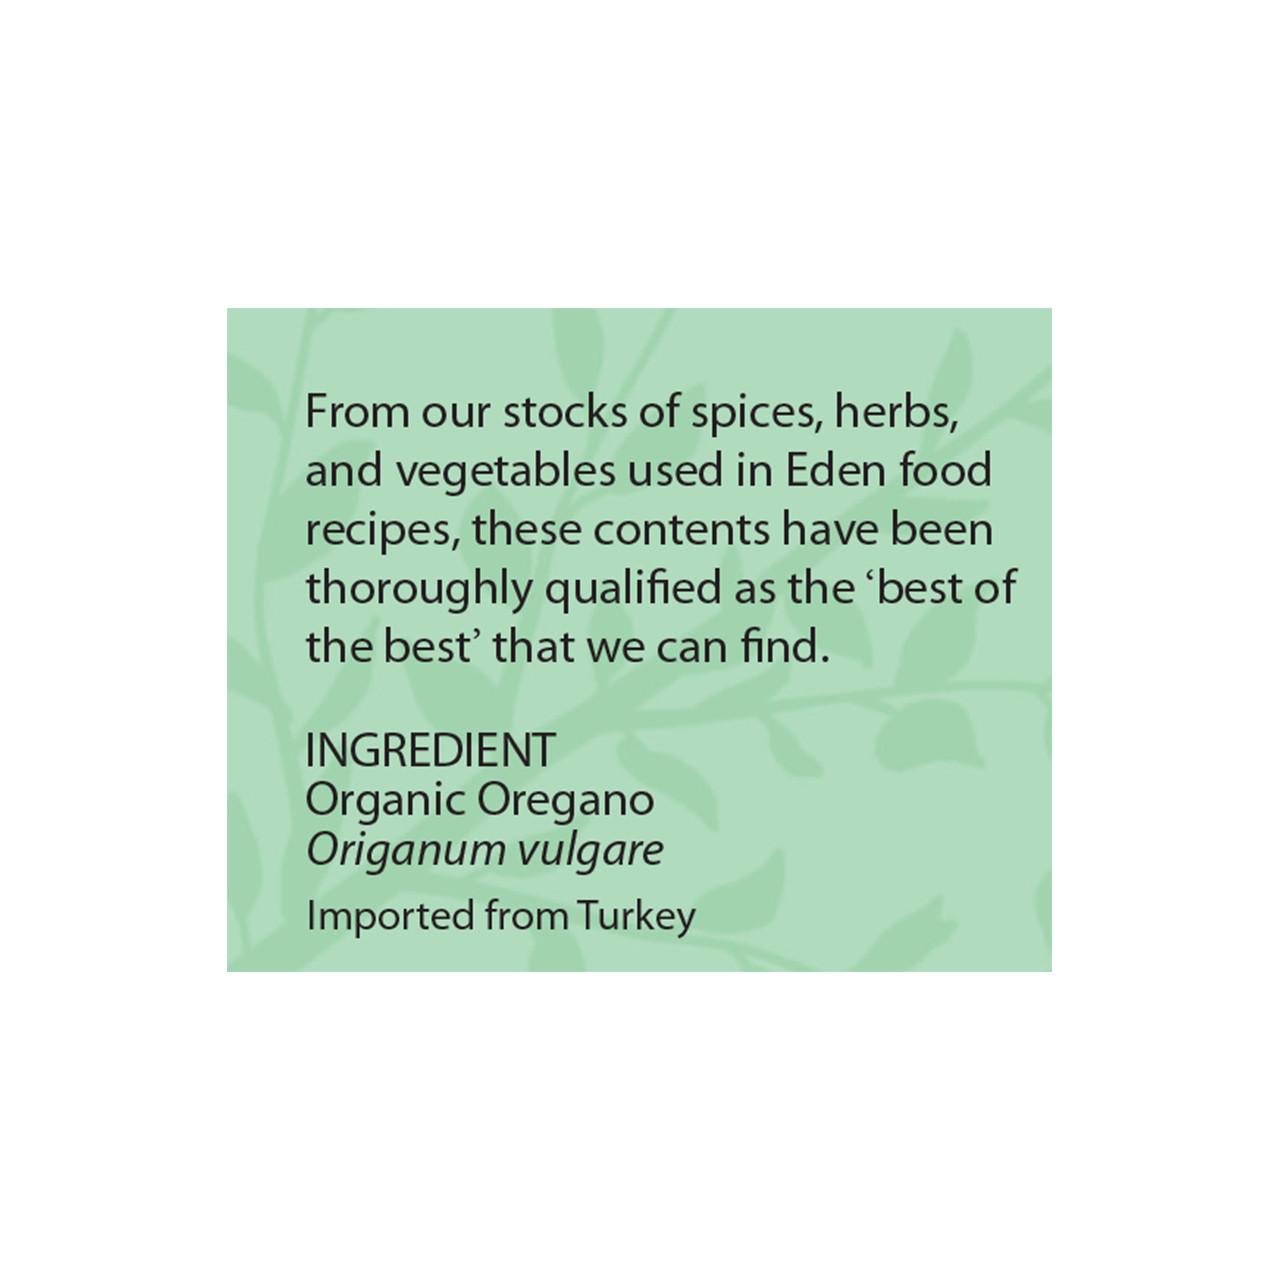 Oregano, Organic